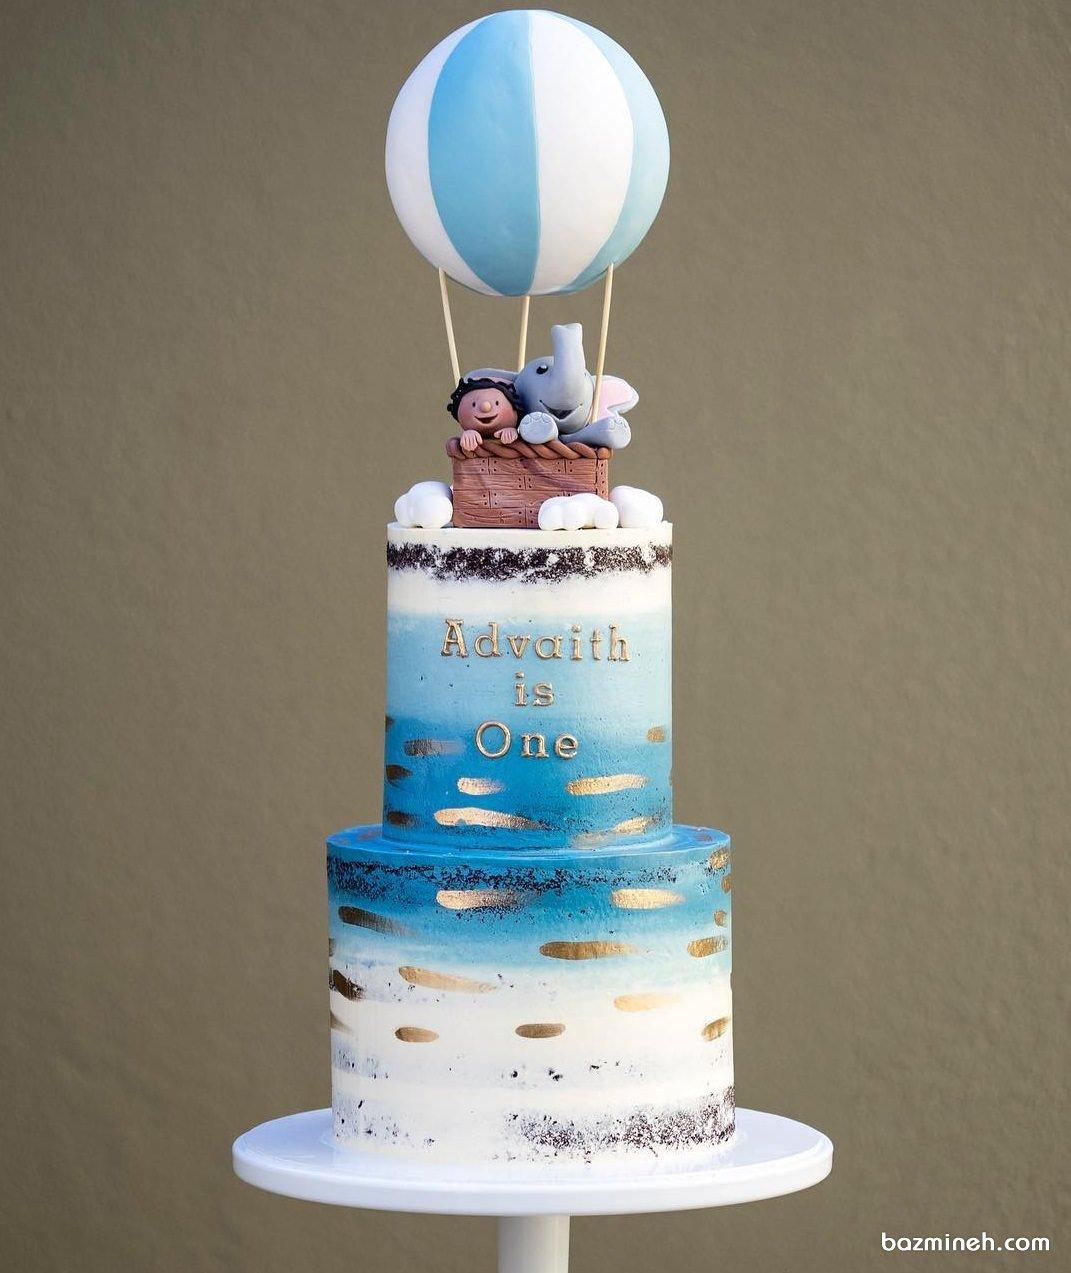 کیک دو طبقه جشن تولد پسرونه با تم بالن و فیل کوچولو آبی سفید